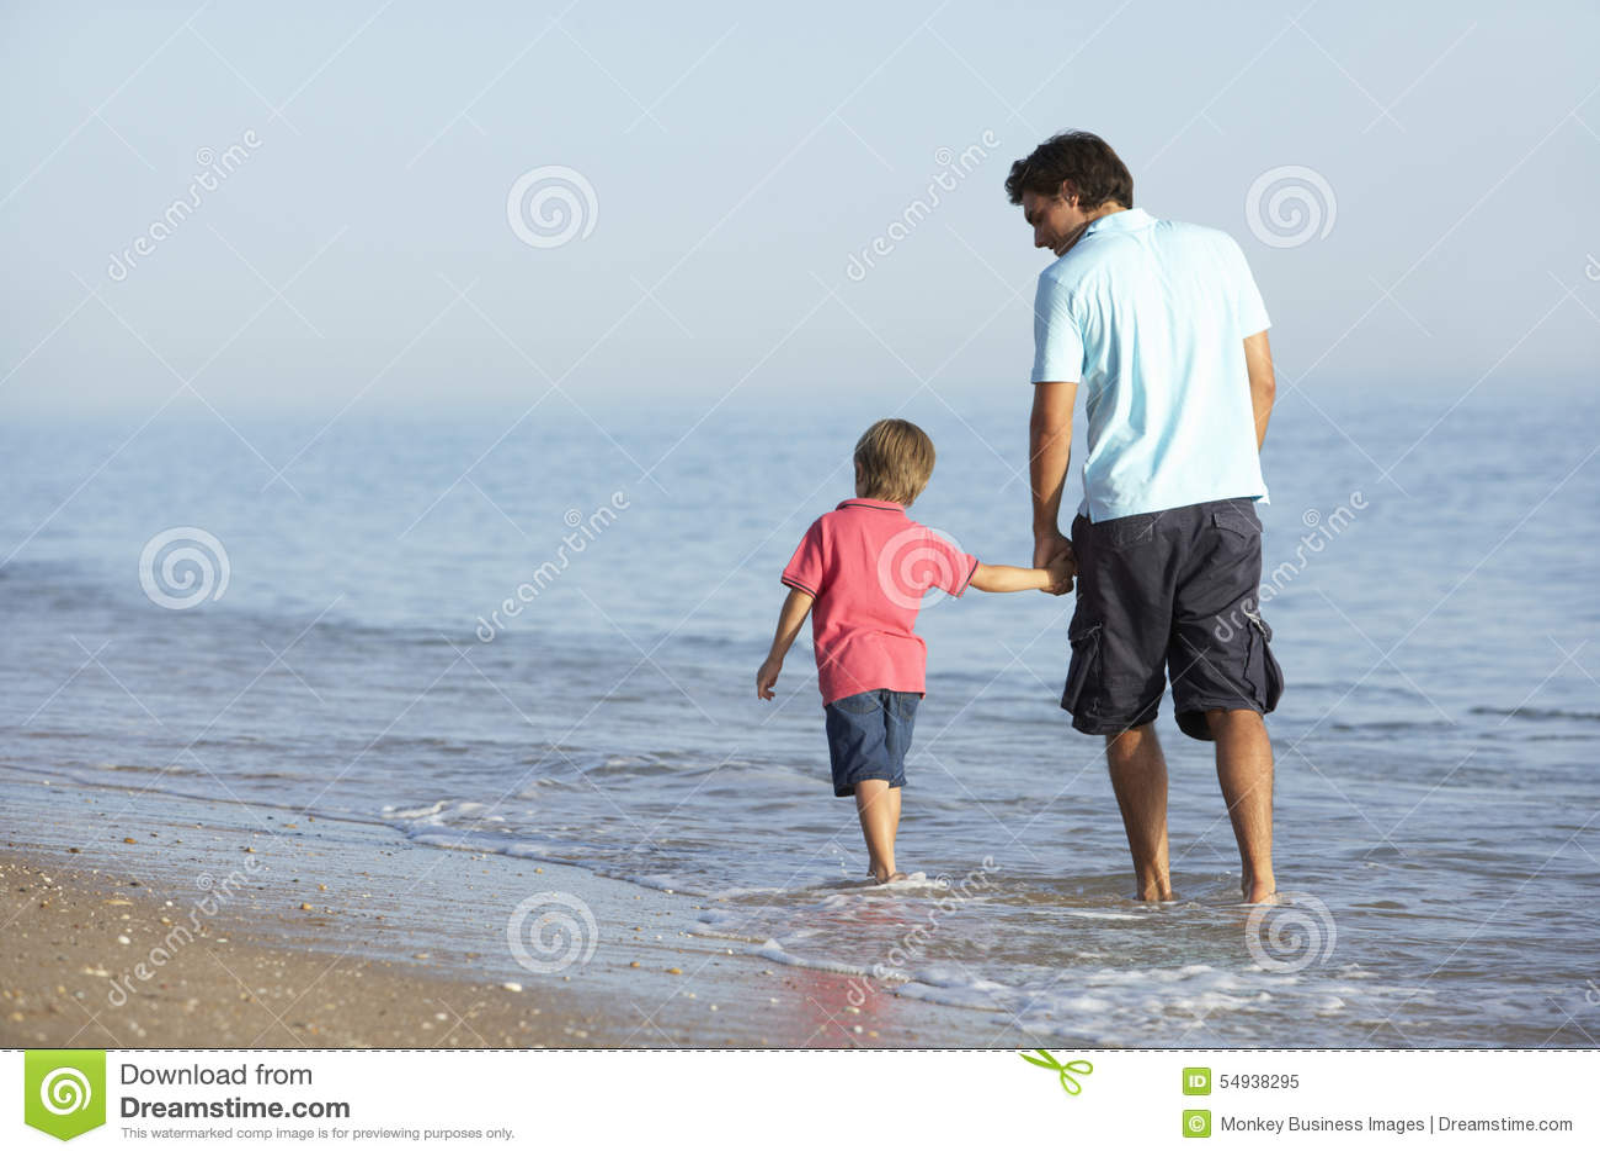 Paseo de And Son Enjoying del padre a lo largo de la playa